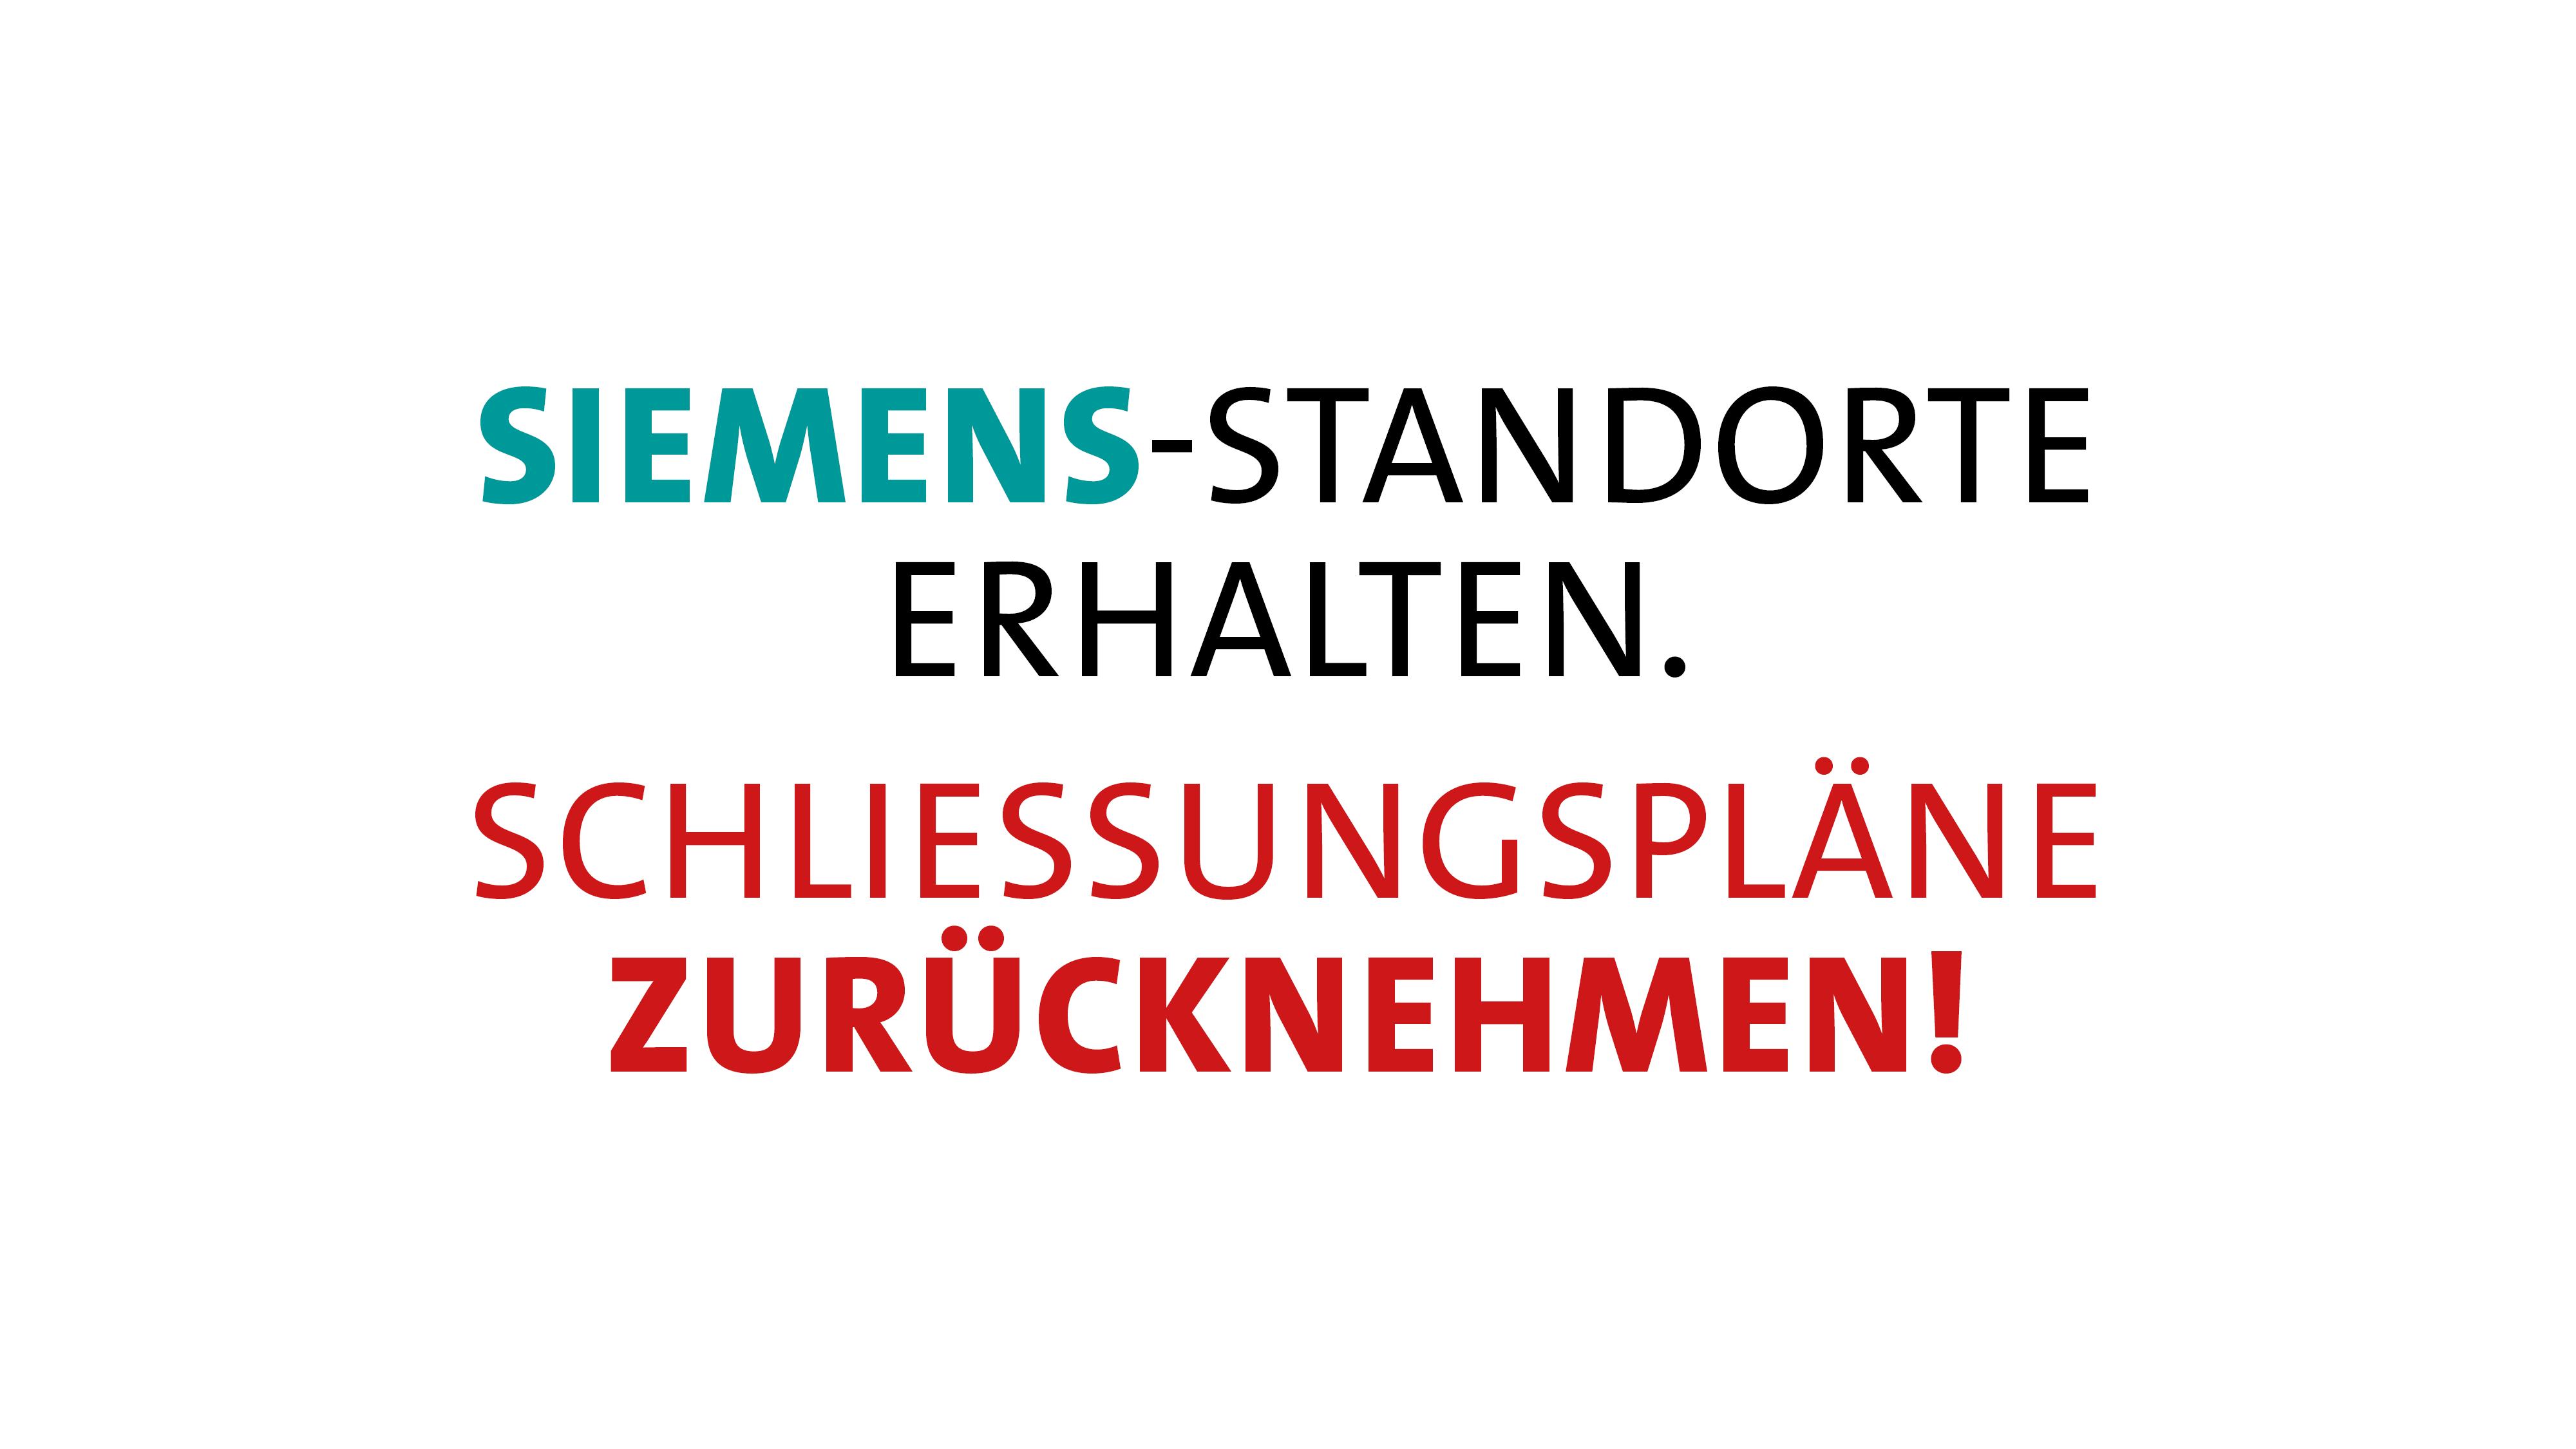 Siemens-Standorte erhalten – Schließungspläne zurücknehmen